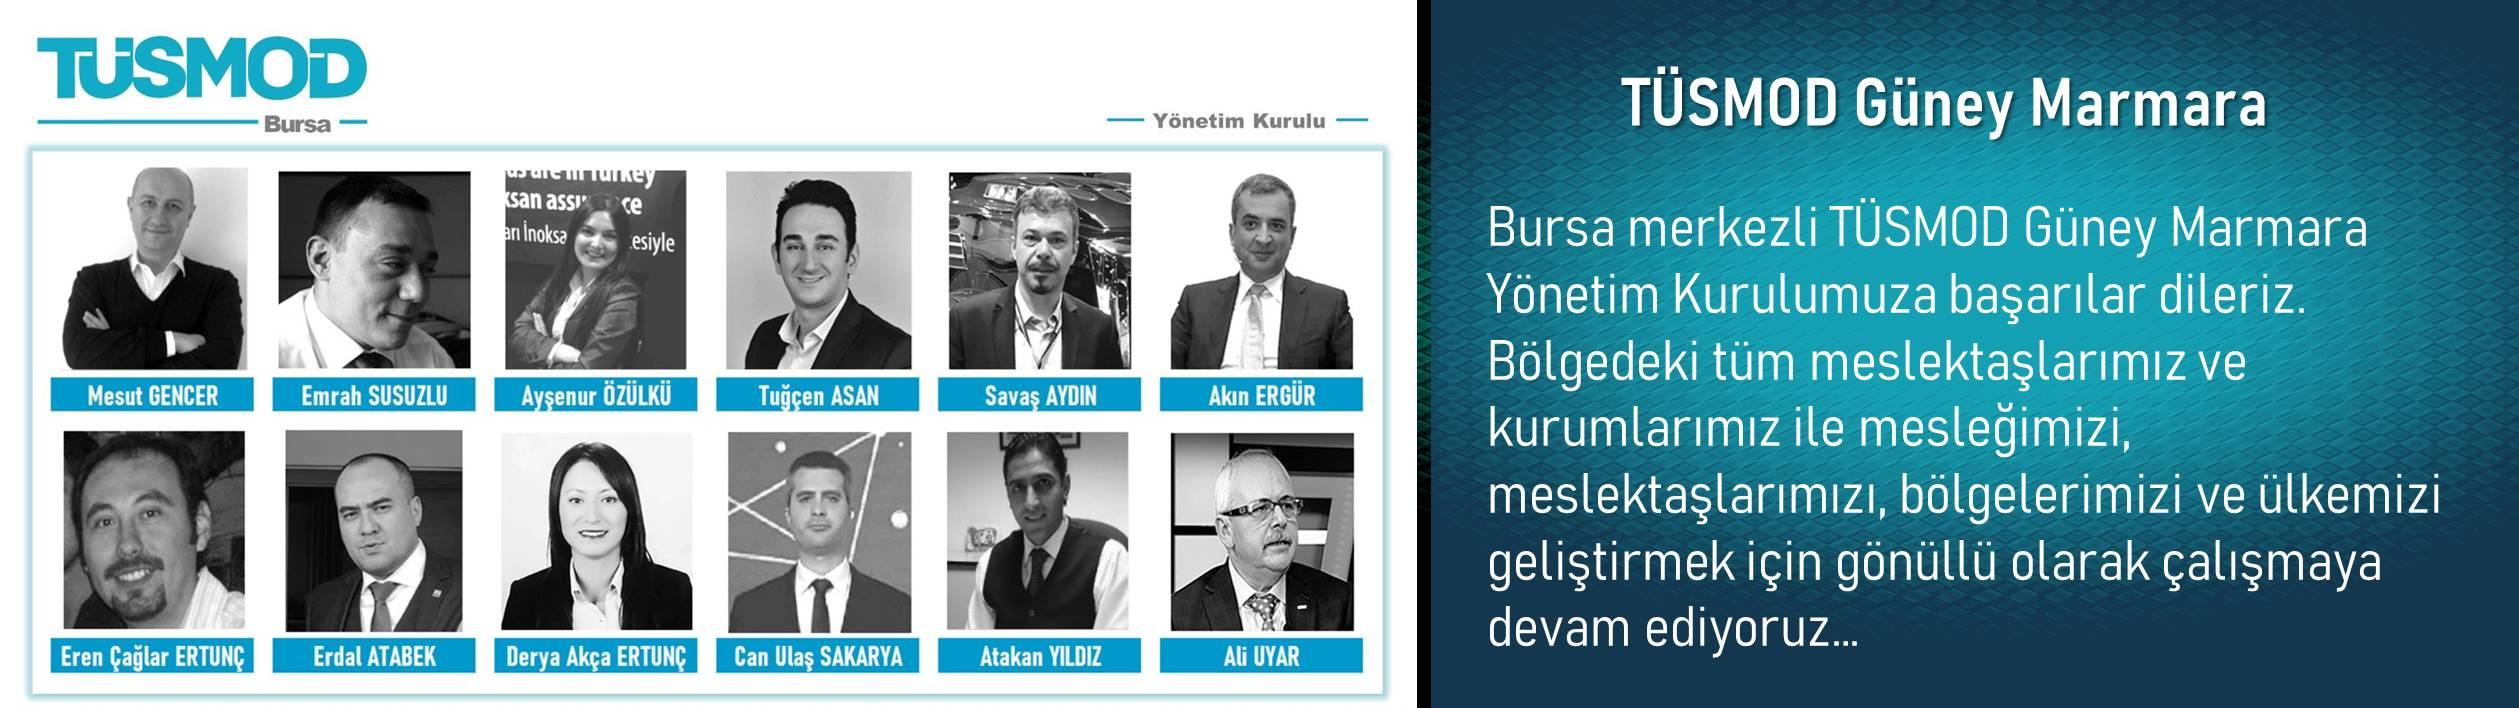 TÜSMOD Güney Marmara – Bursa